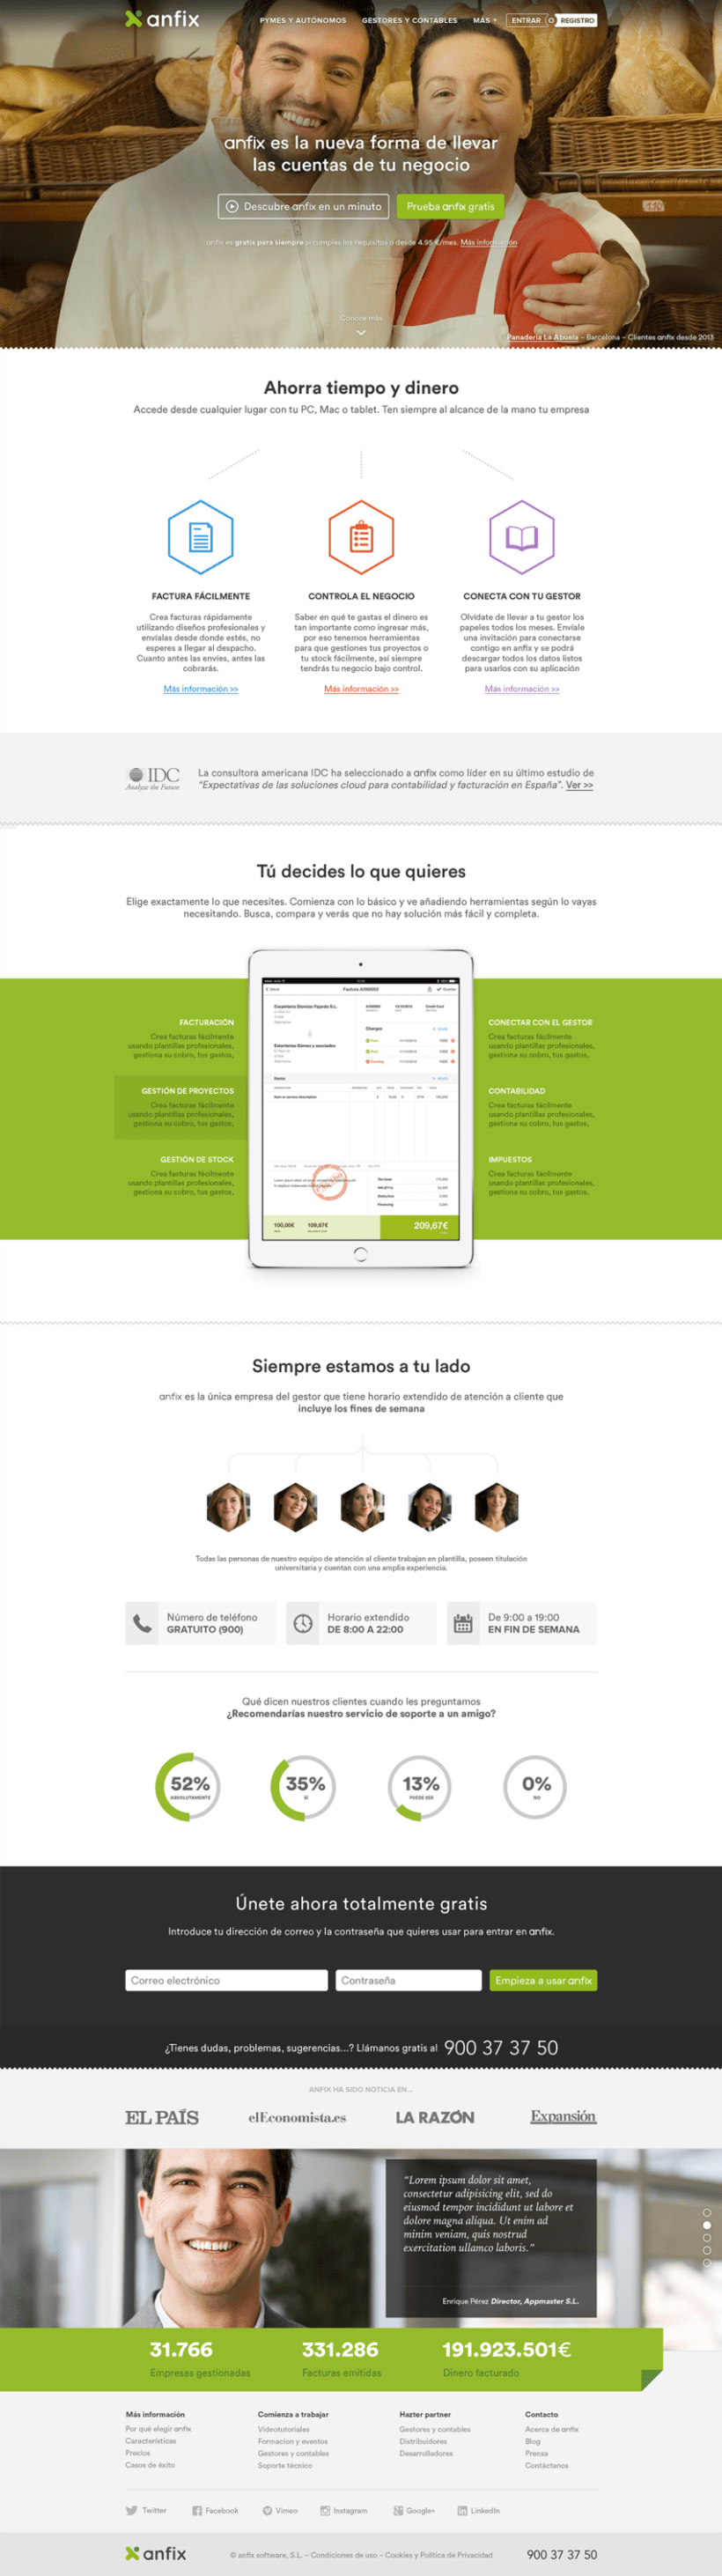 Anfix website, 2015 0